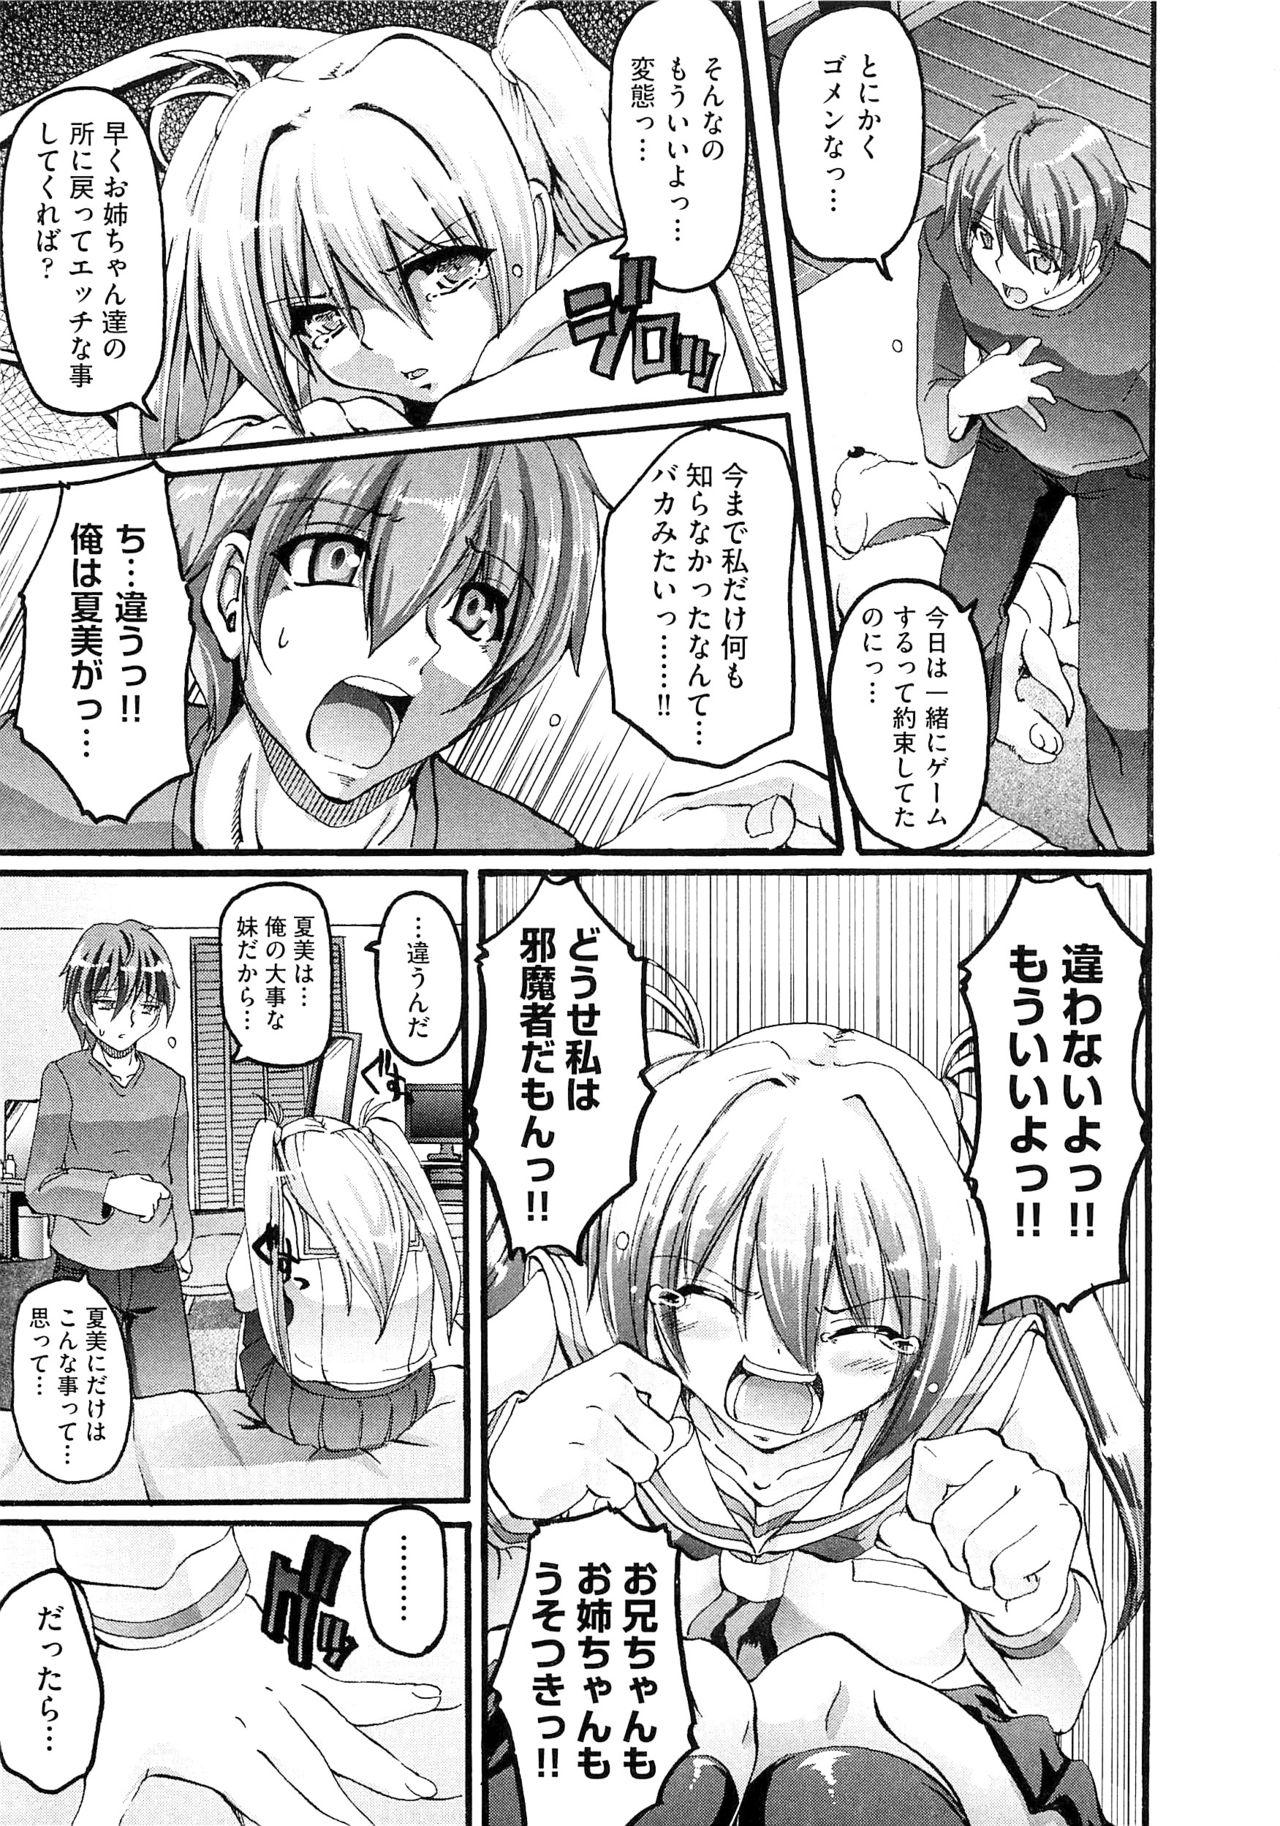 Maid Gakuen e Youkoso!! - Welcome to Maid Academy 174